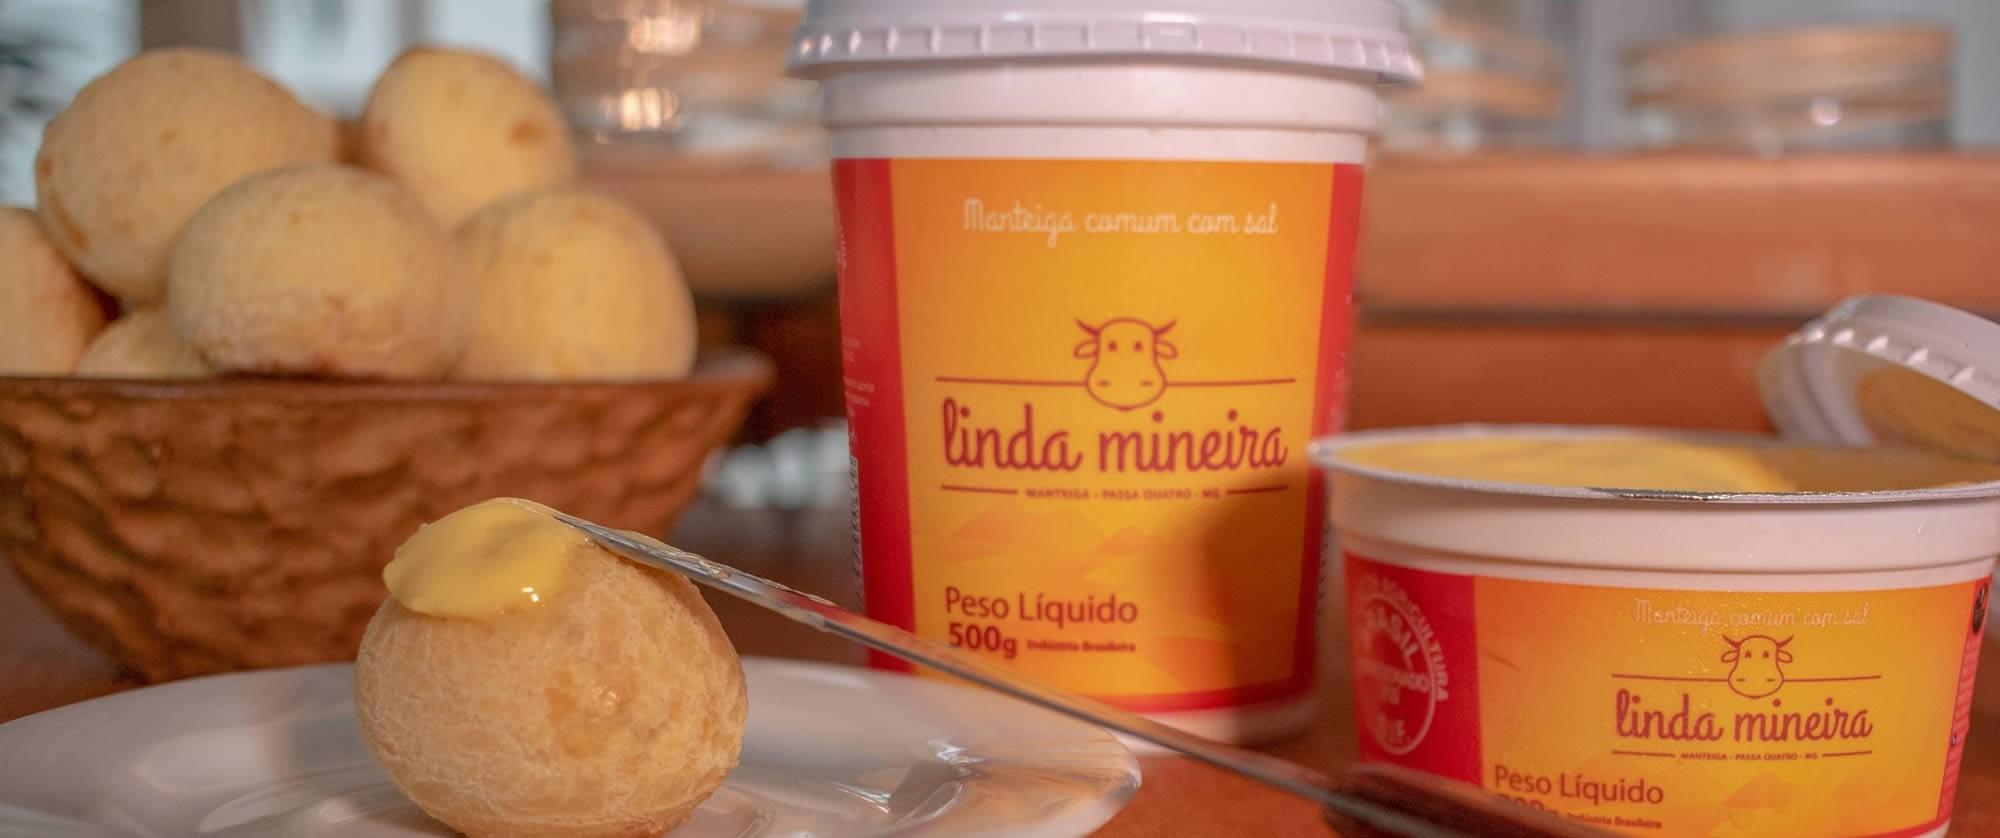 Linda Mineira